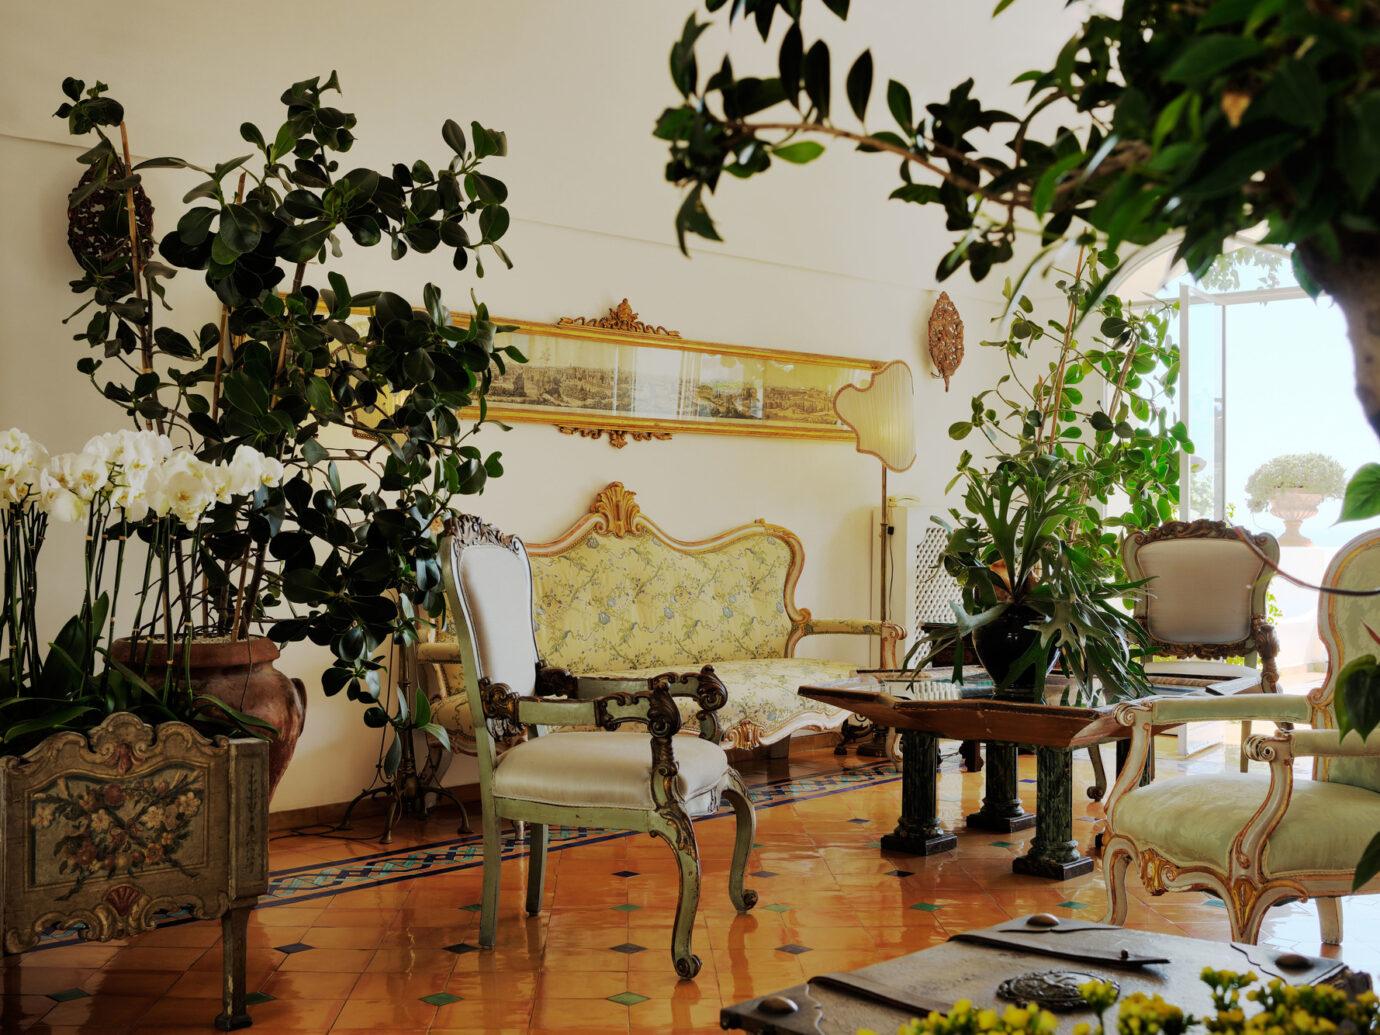 Living room at Le Sirenuse